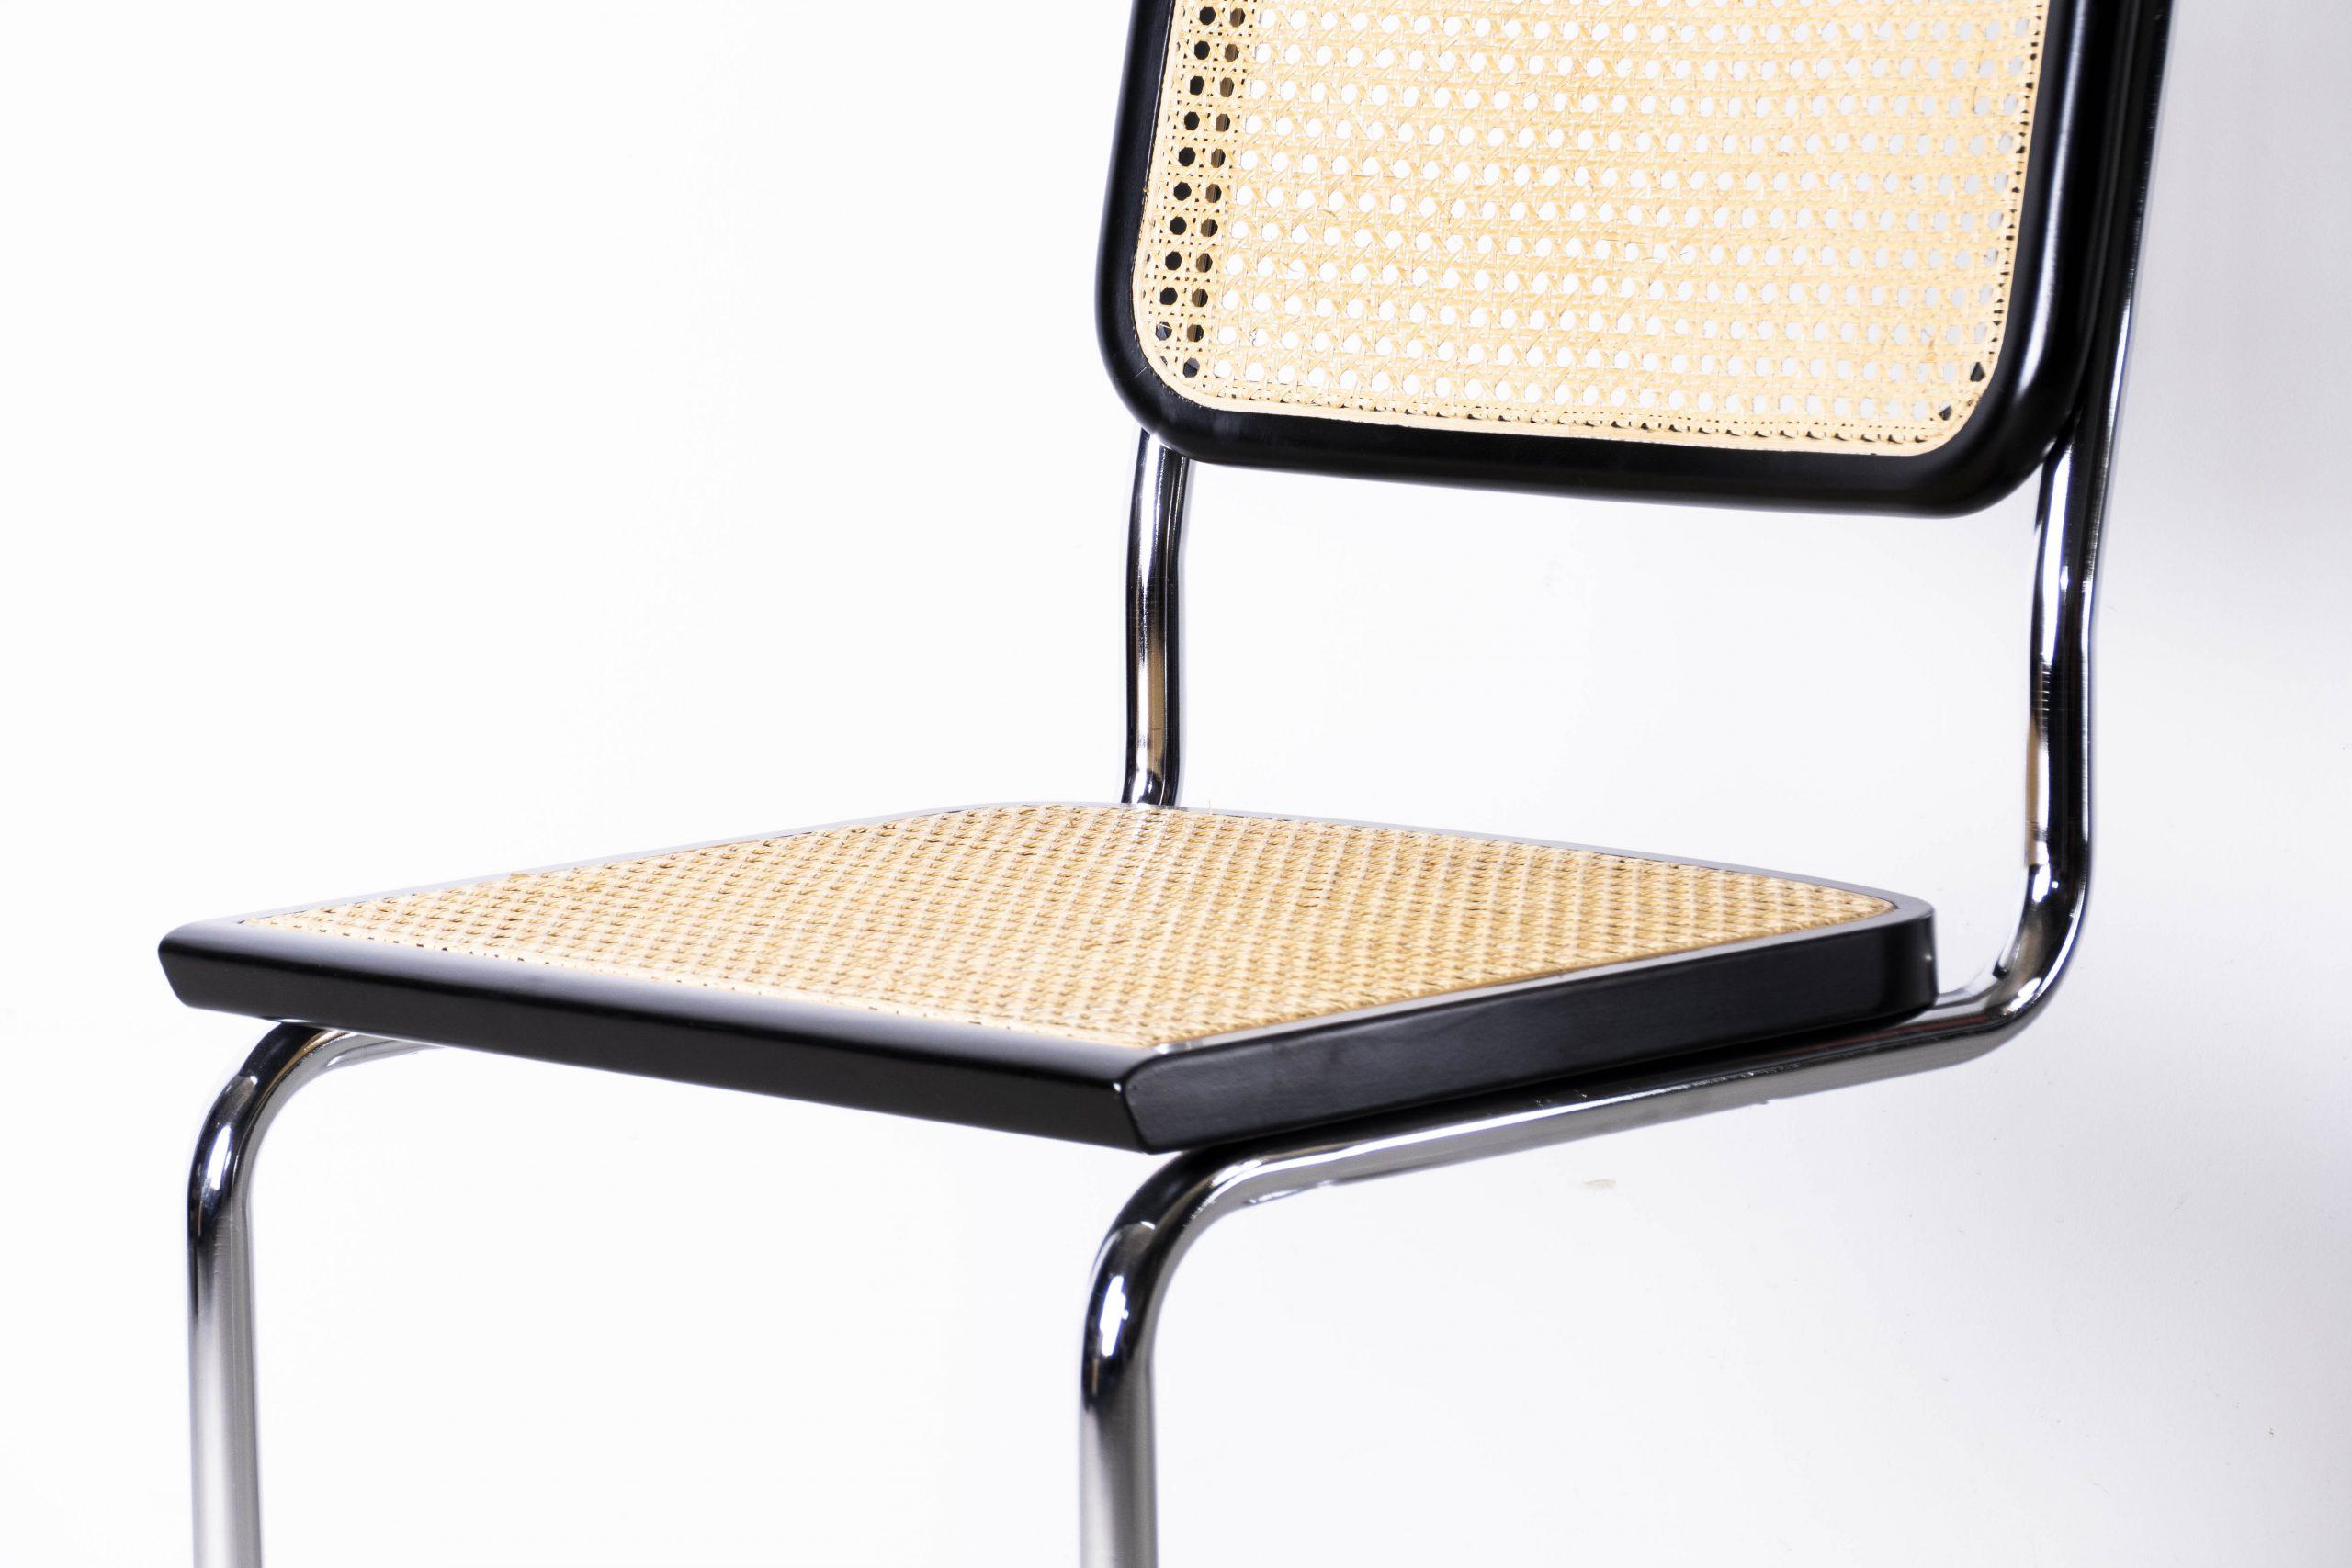 silla cesca acero tubular y haya caña trenzada bauhaus diseño instagram